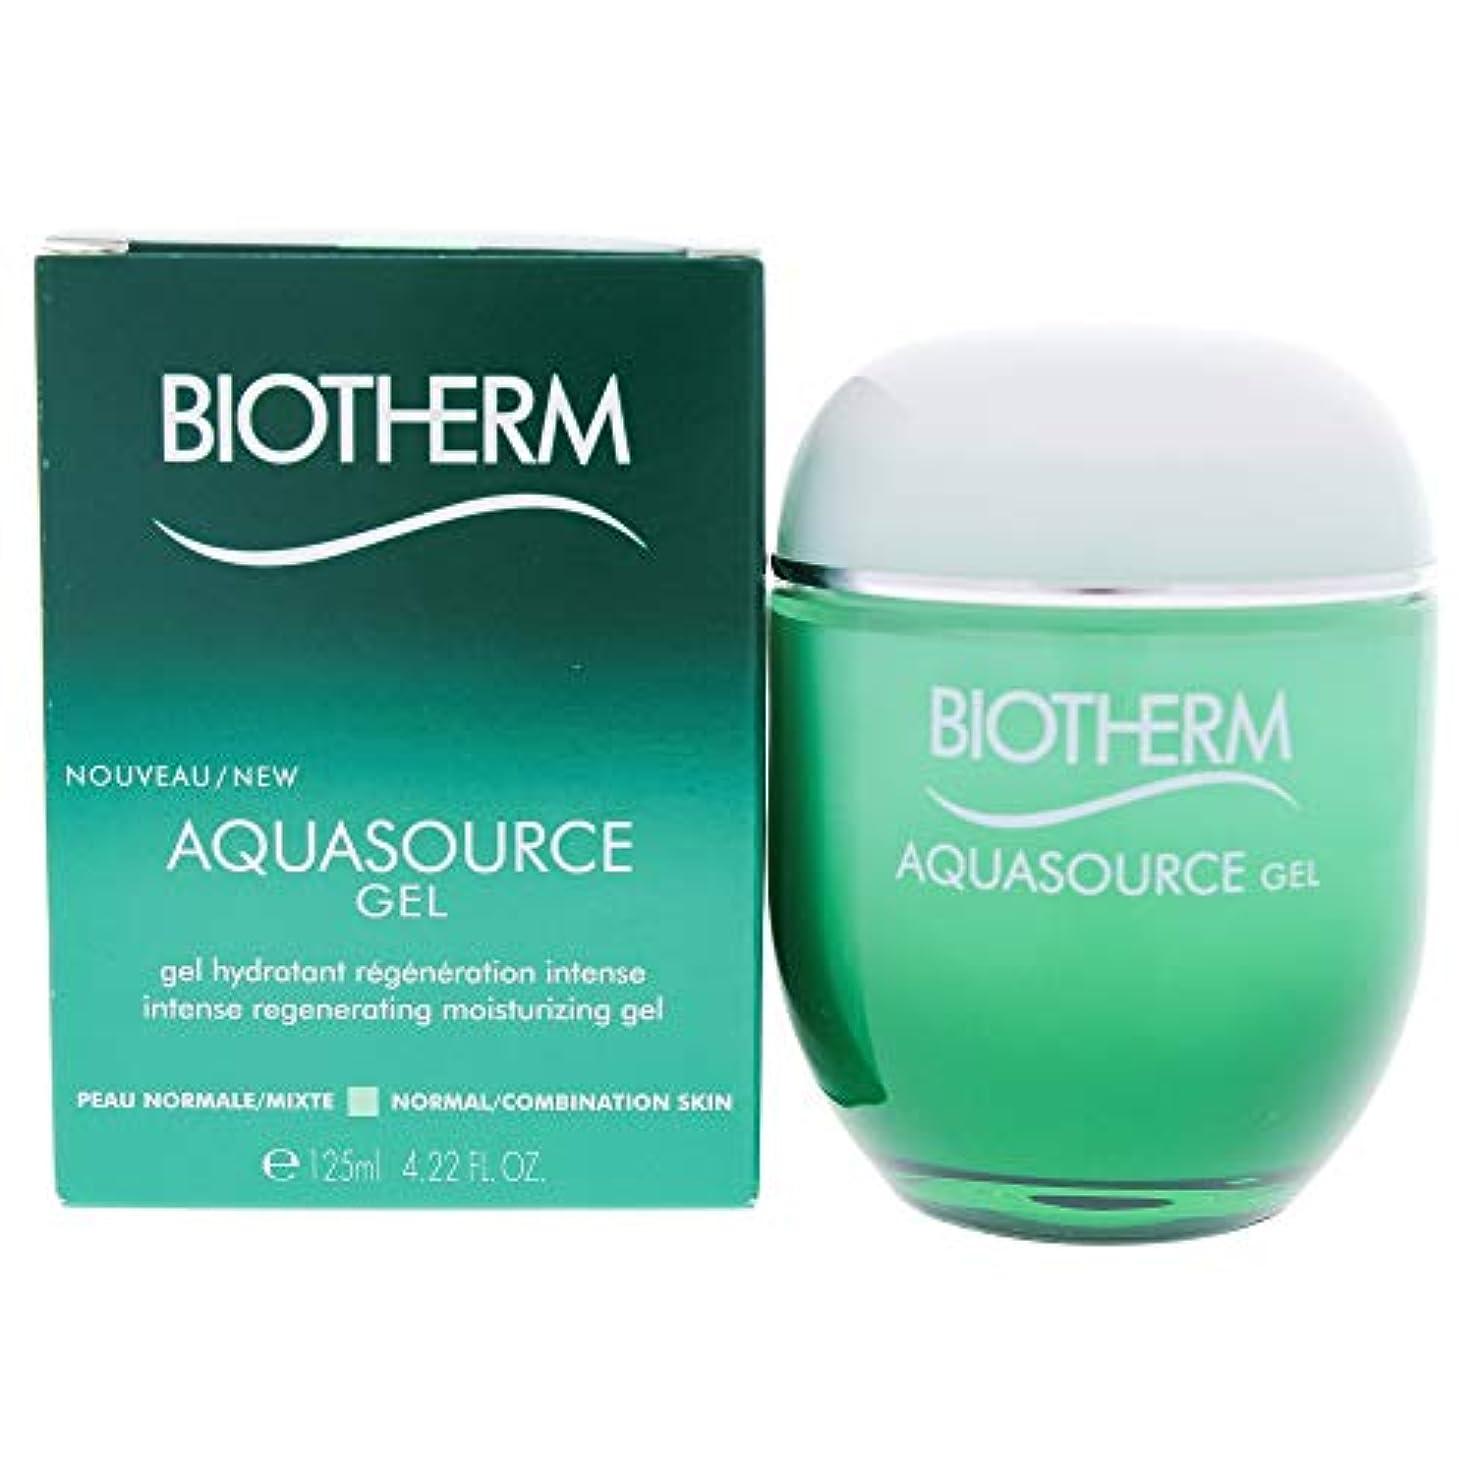 マエストロ彼女としてビオテルム Aquasource Gel Intense Regenerating Moisturizing Gel - For Normal/Combination Skin 125ml/4.22oz並行輸入品